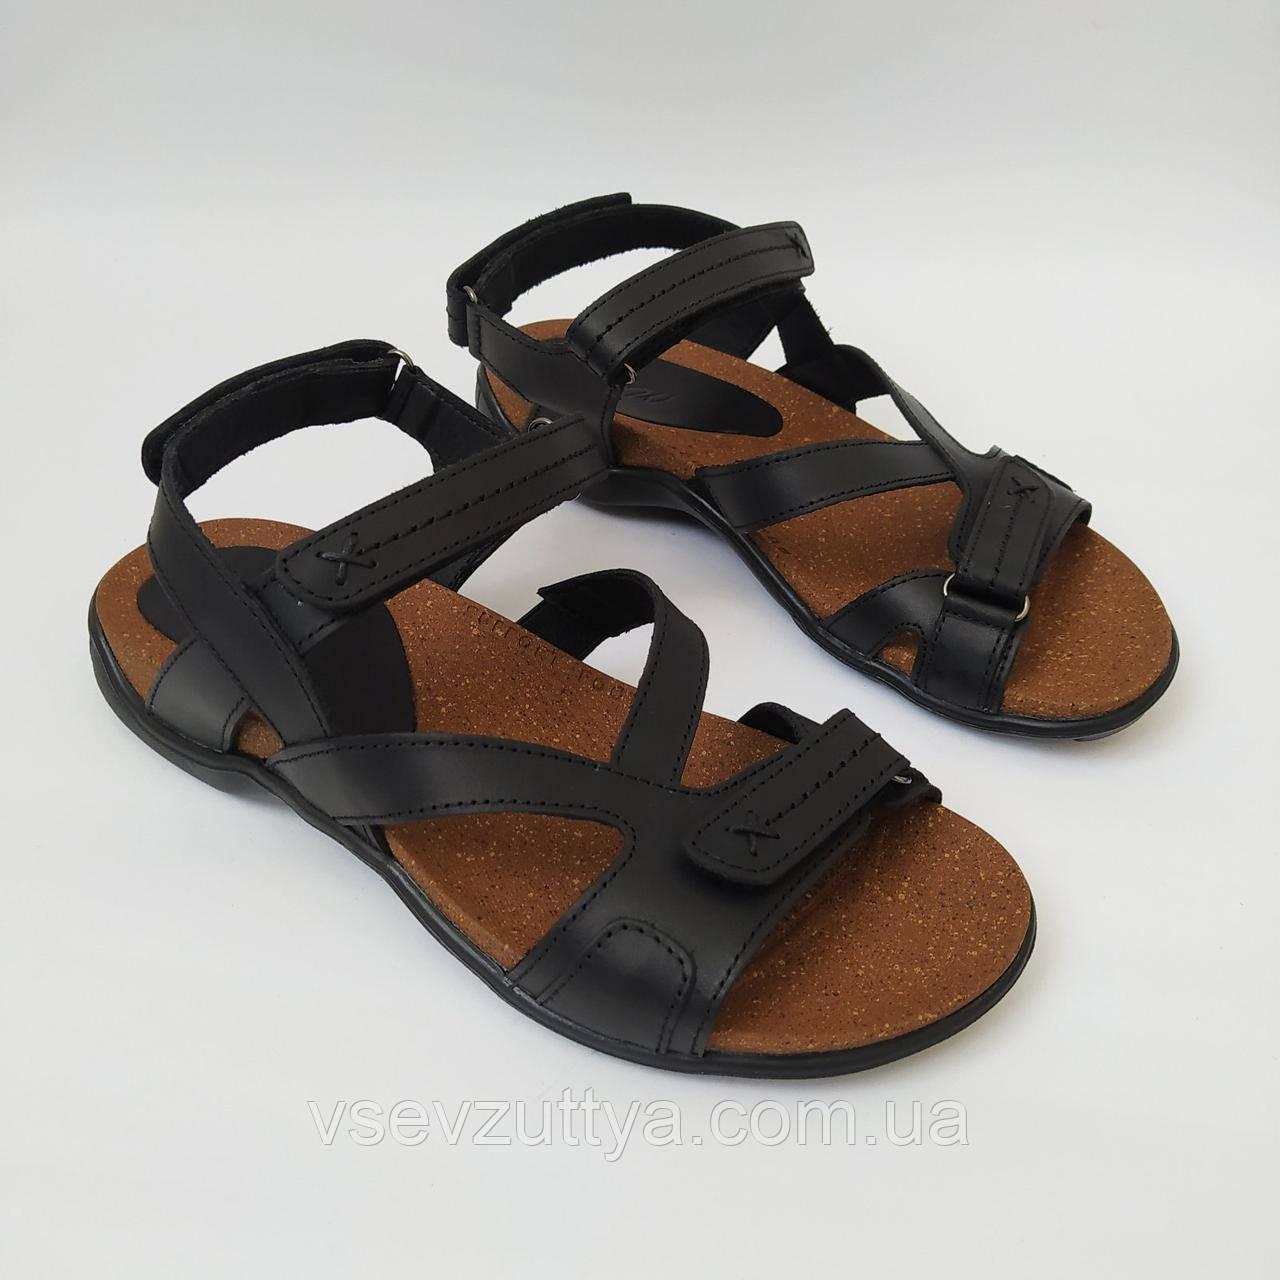 Босоніжки, сандалі чоловічі шкіряні чорні